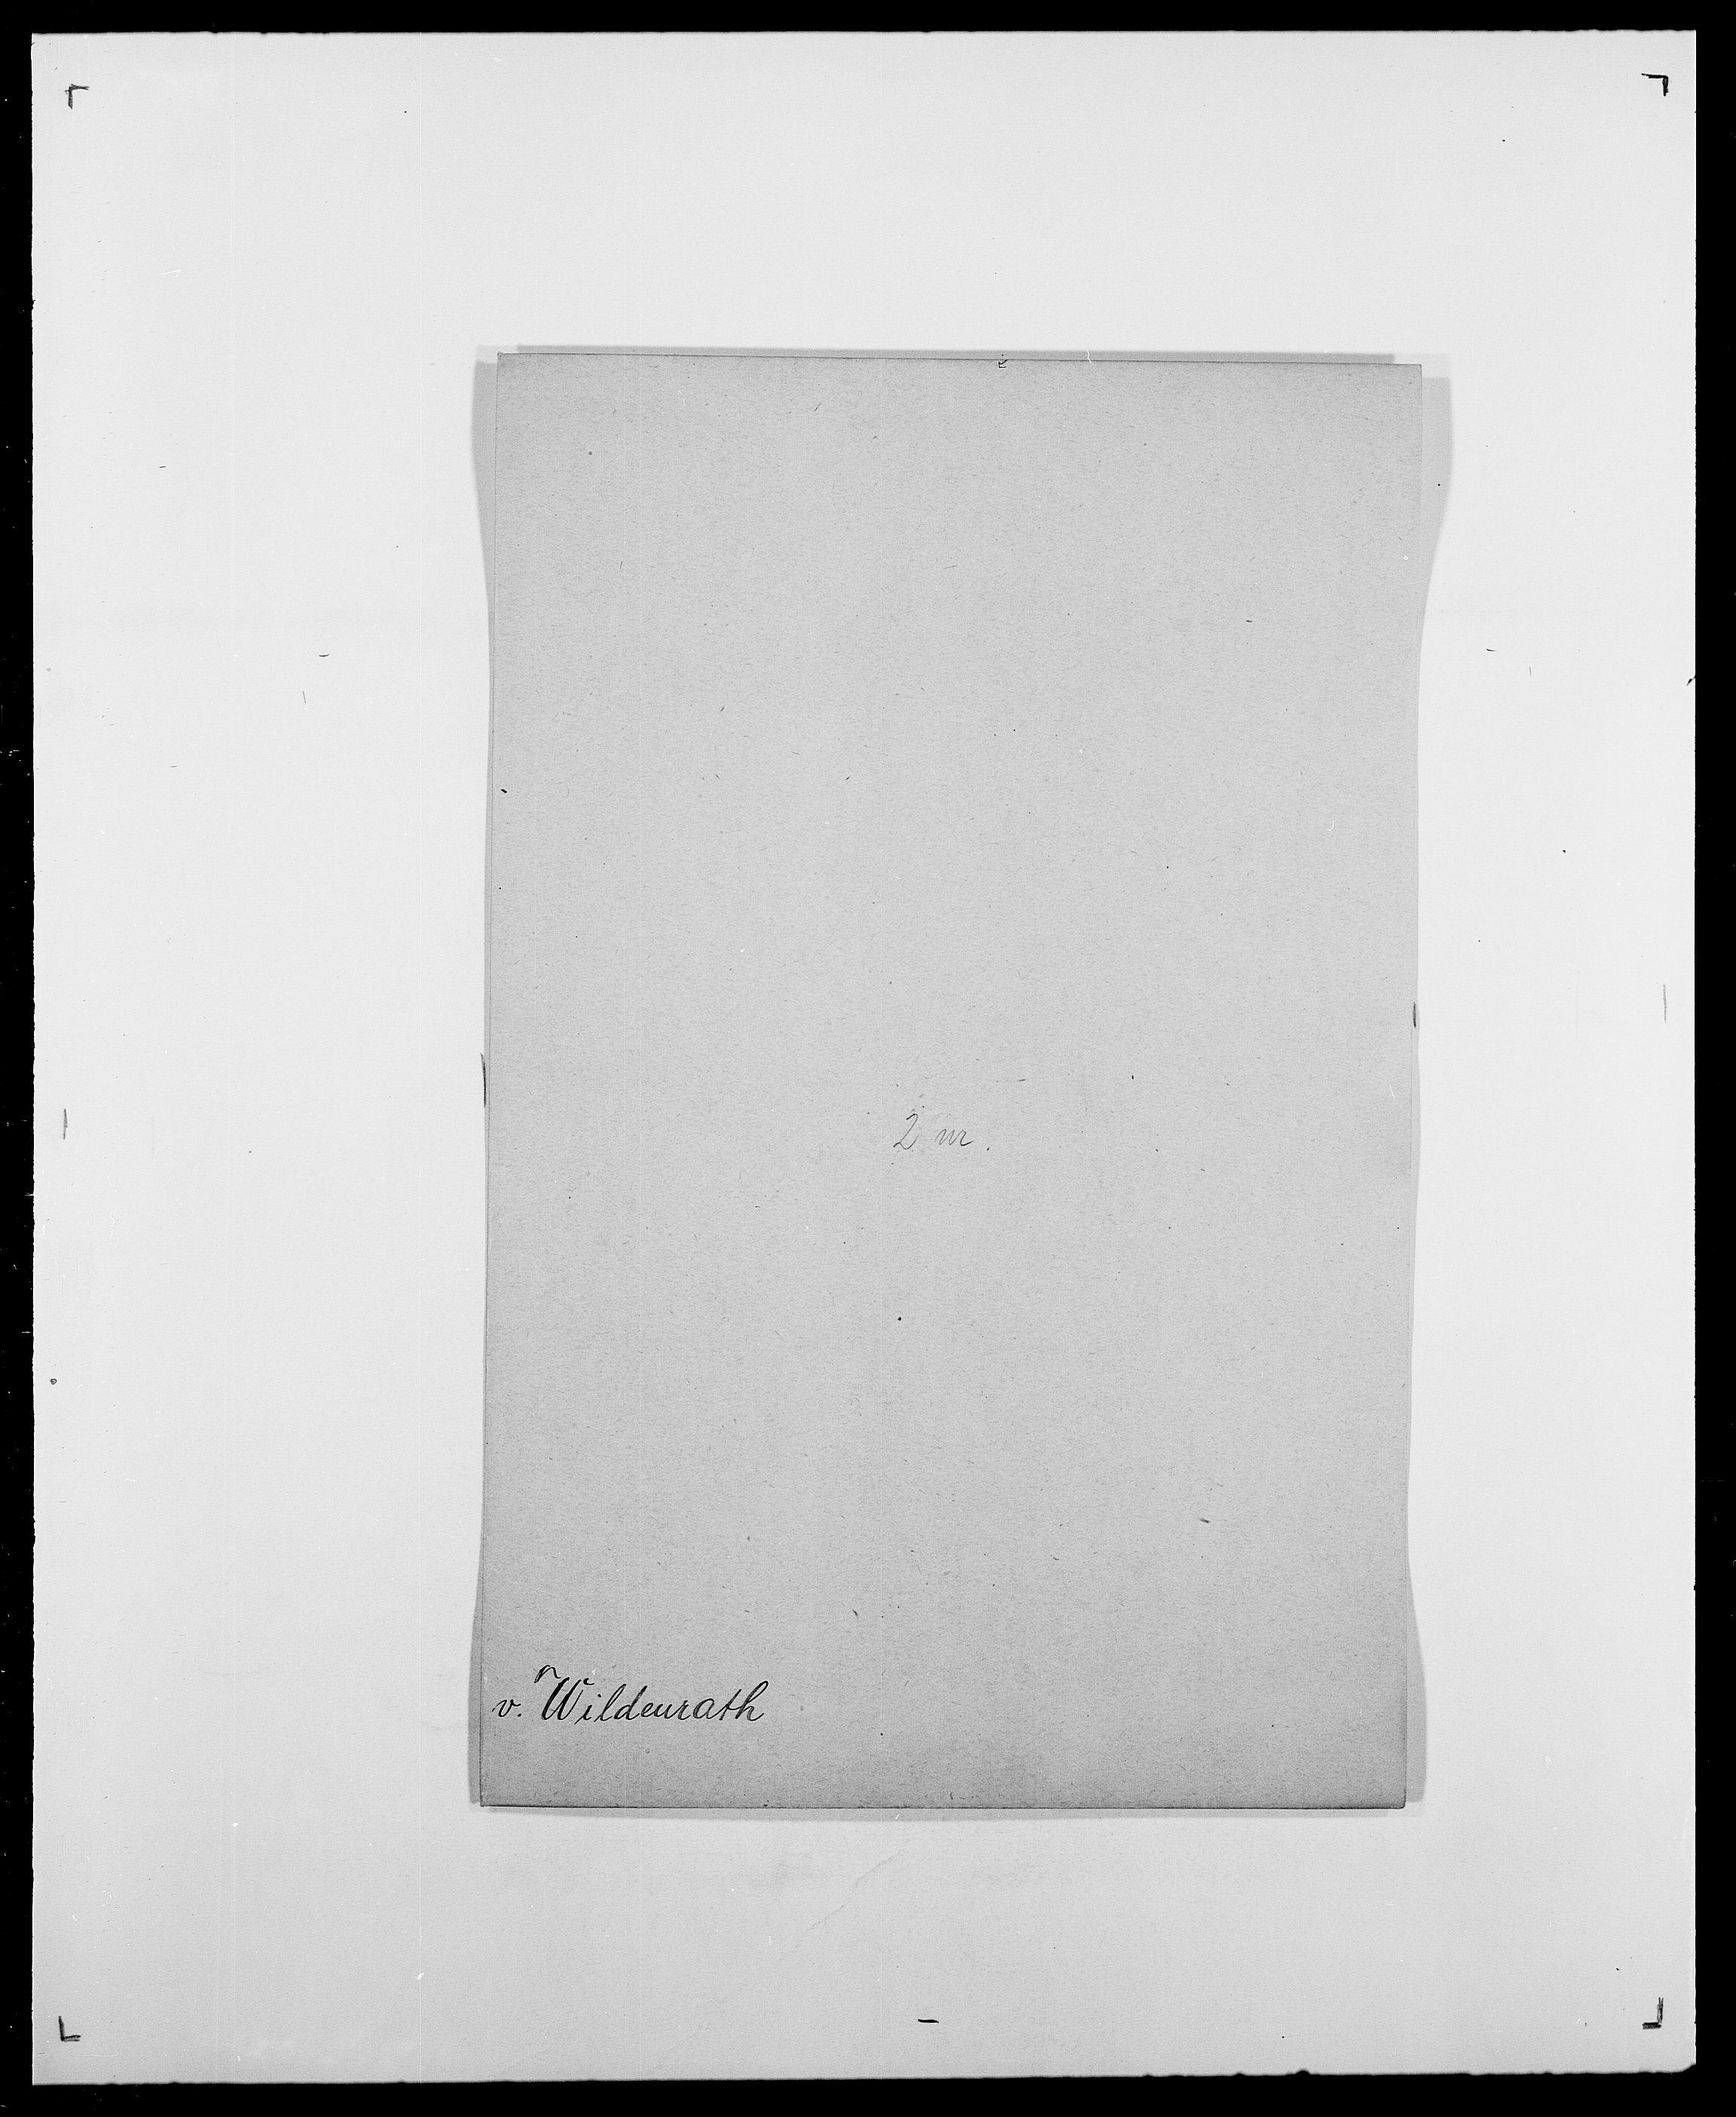 SAO, Delgobe, Charles Antoine - samling, D/Da/L0042: Vilain - Wulf, Wulff, se også Wolf, s. 17